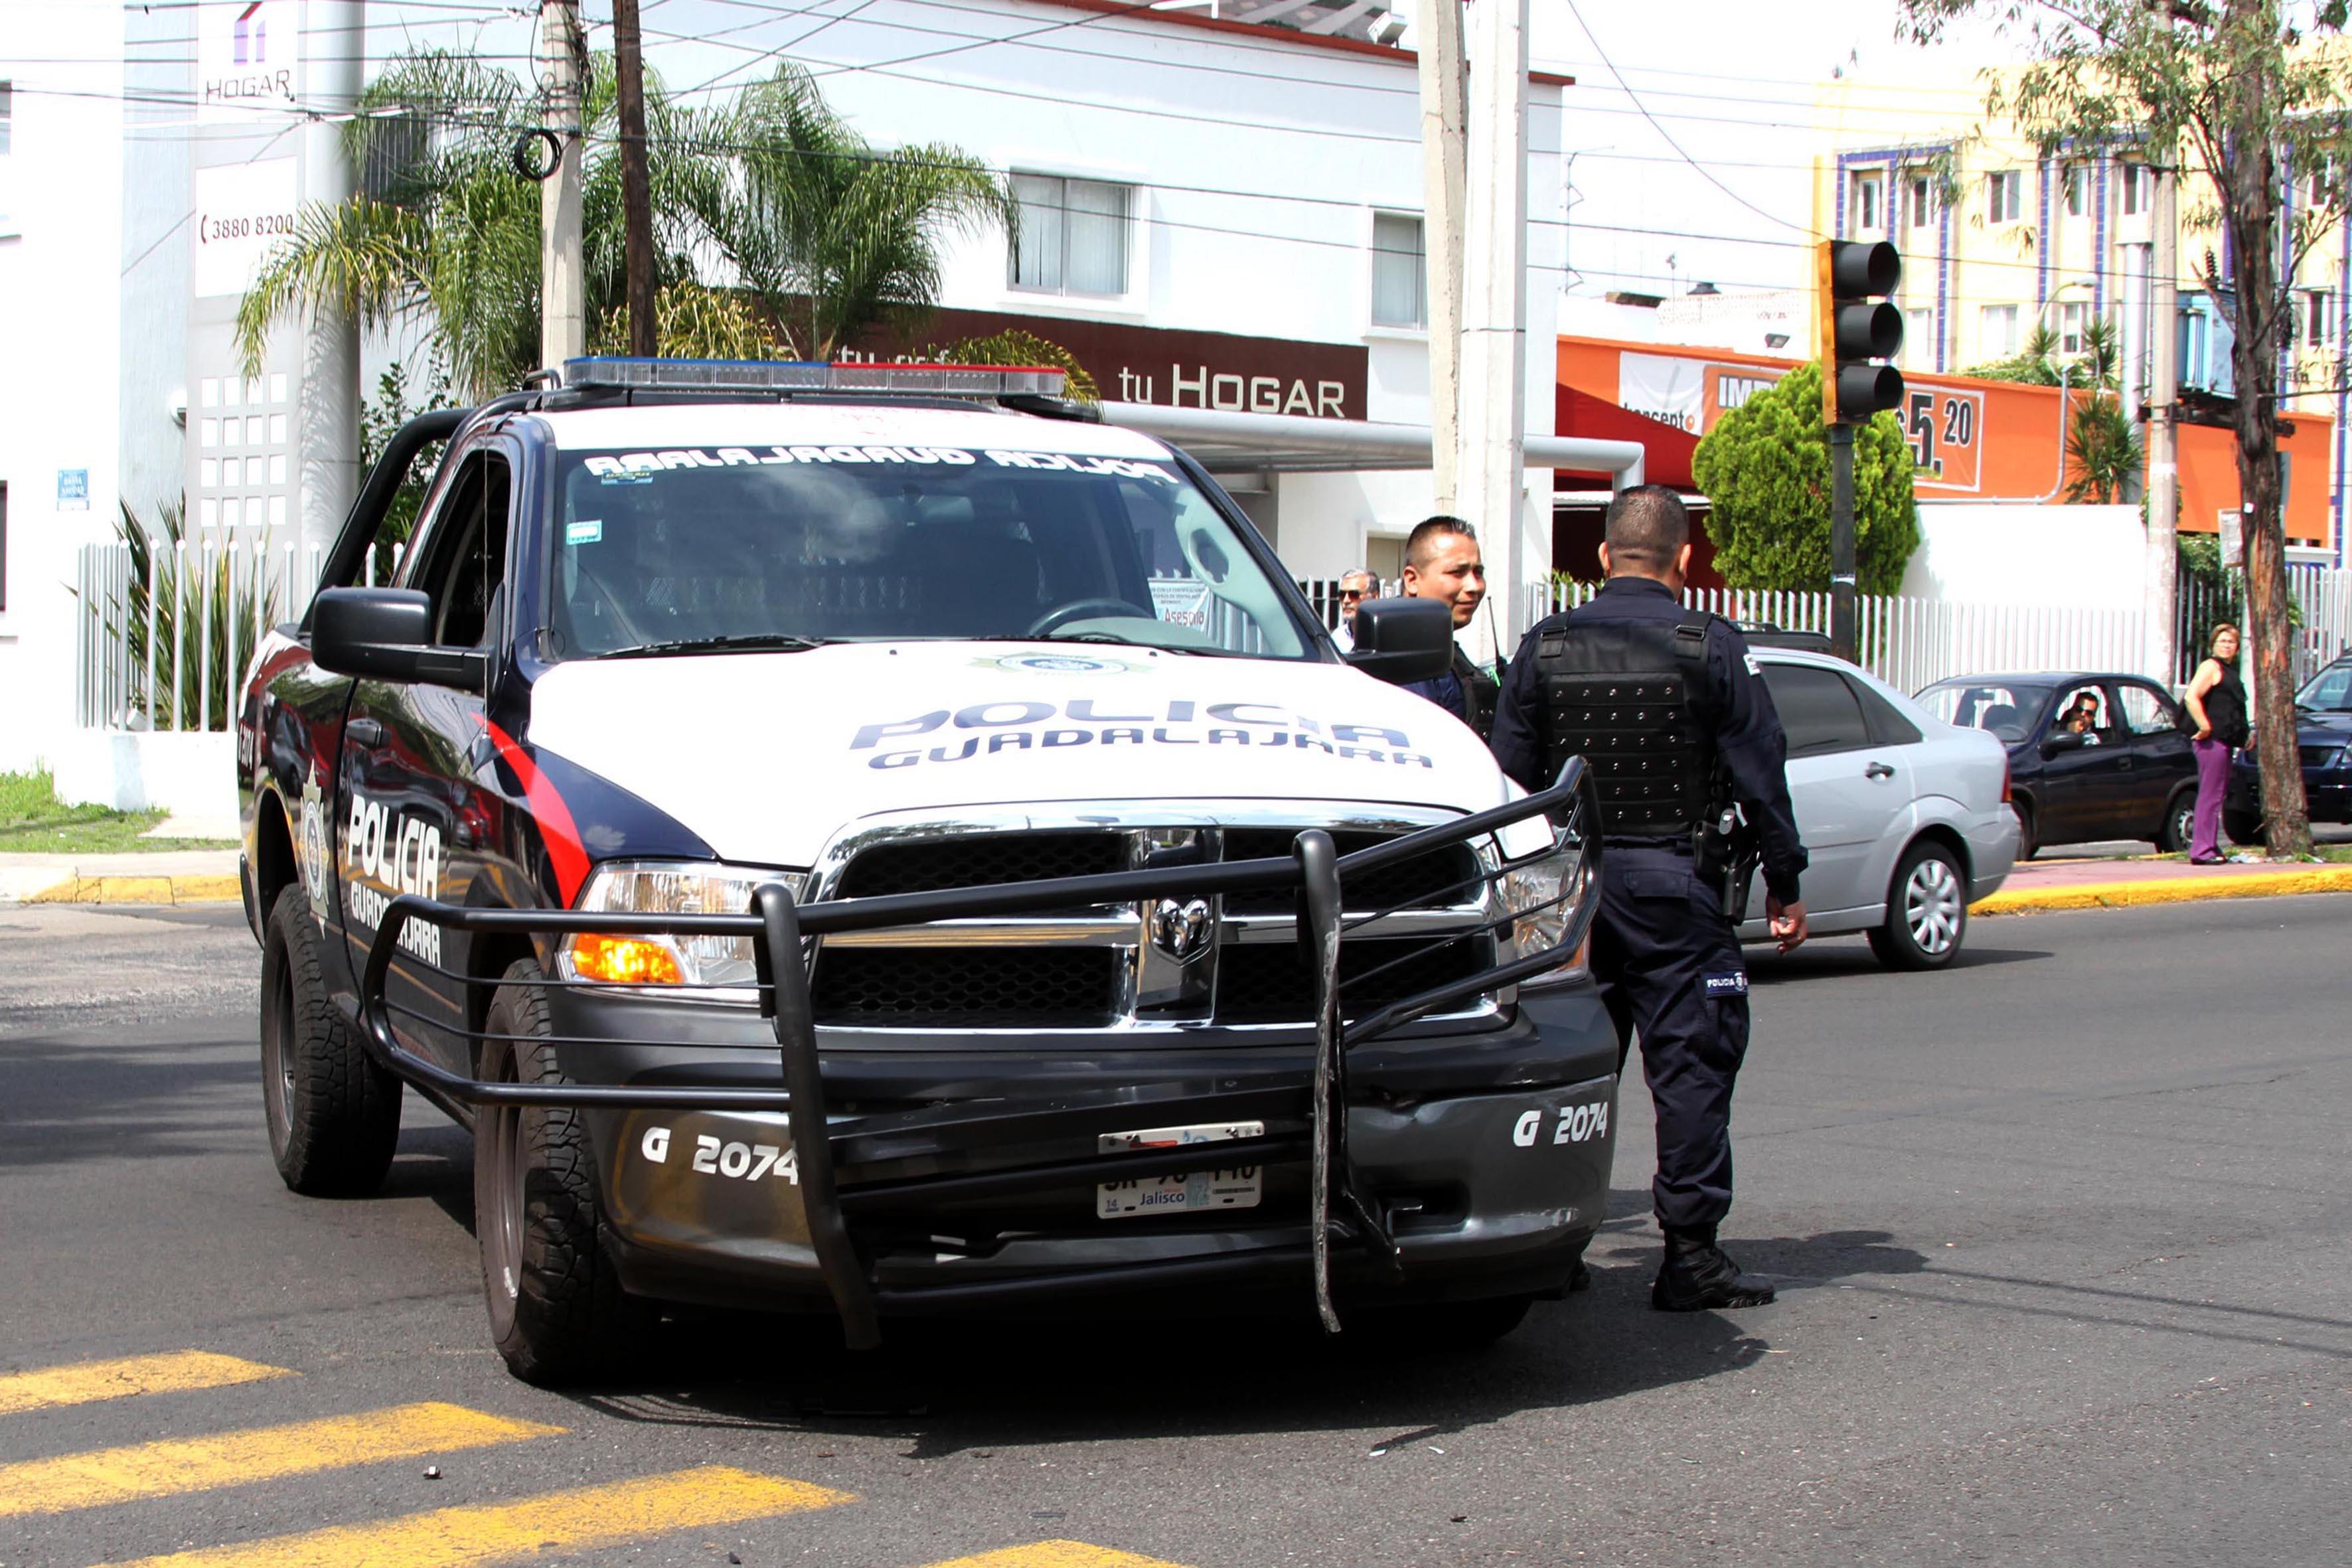 Patrulla y dos policías del municipio de Guadalajara.